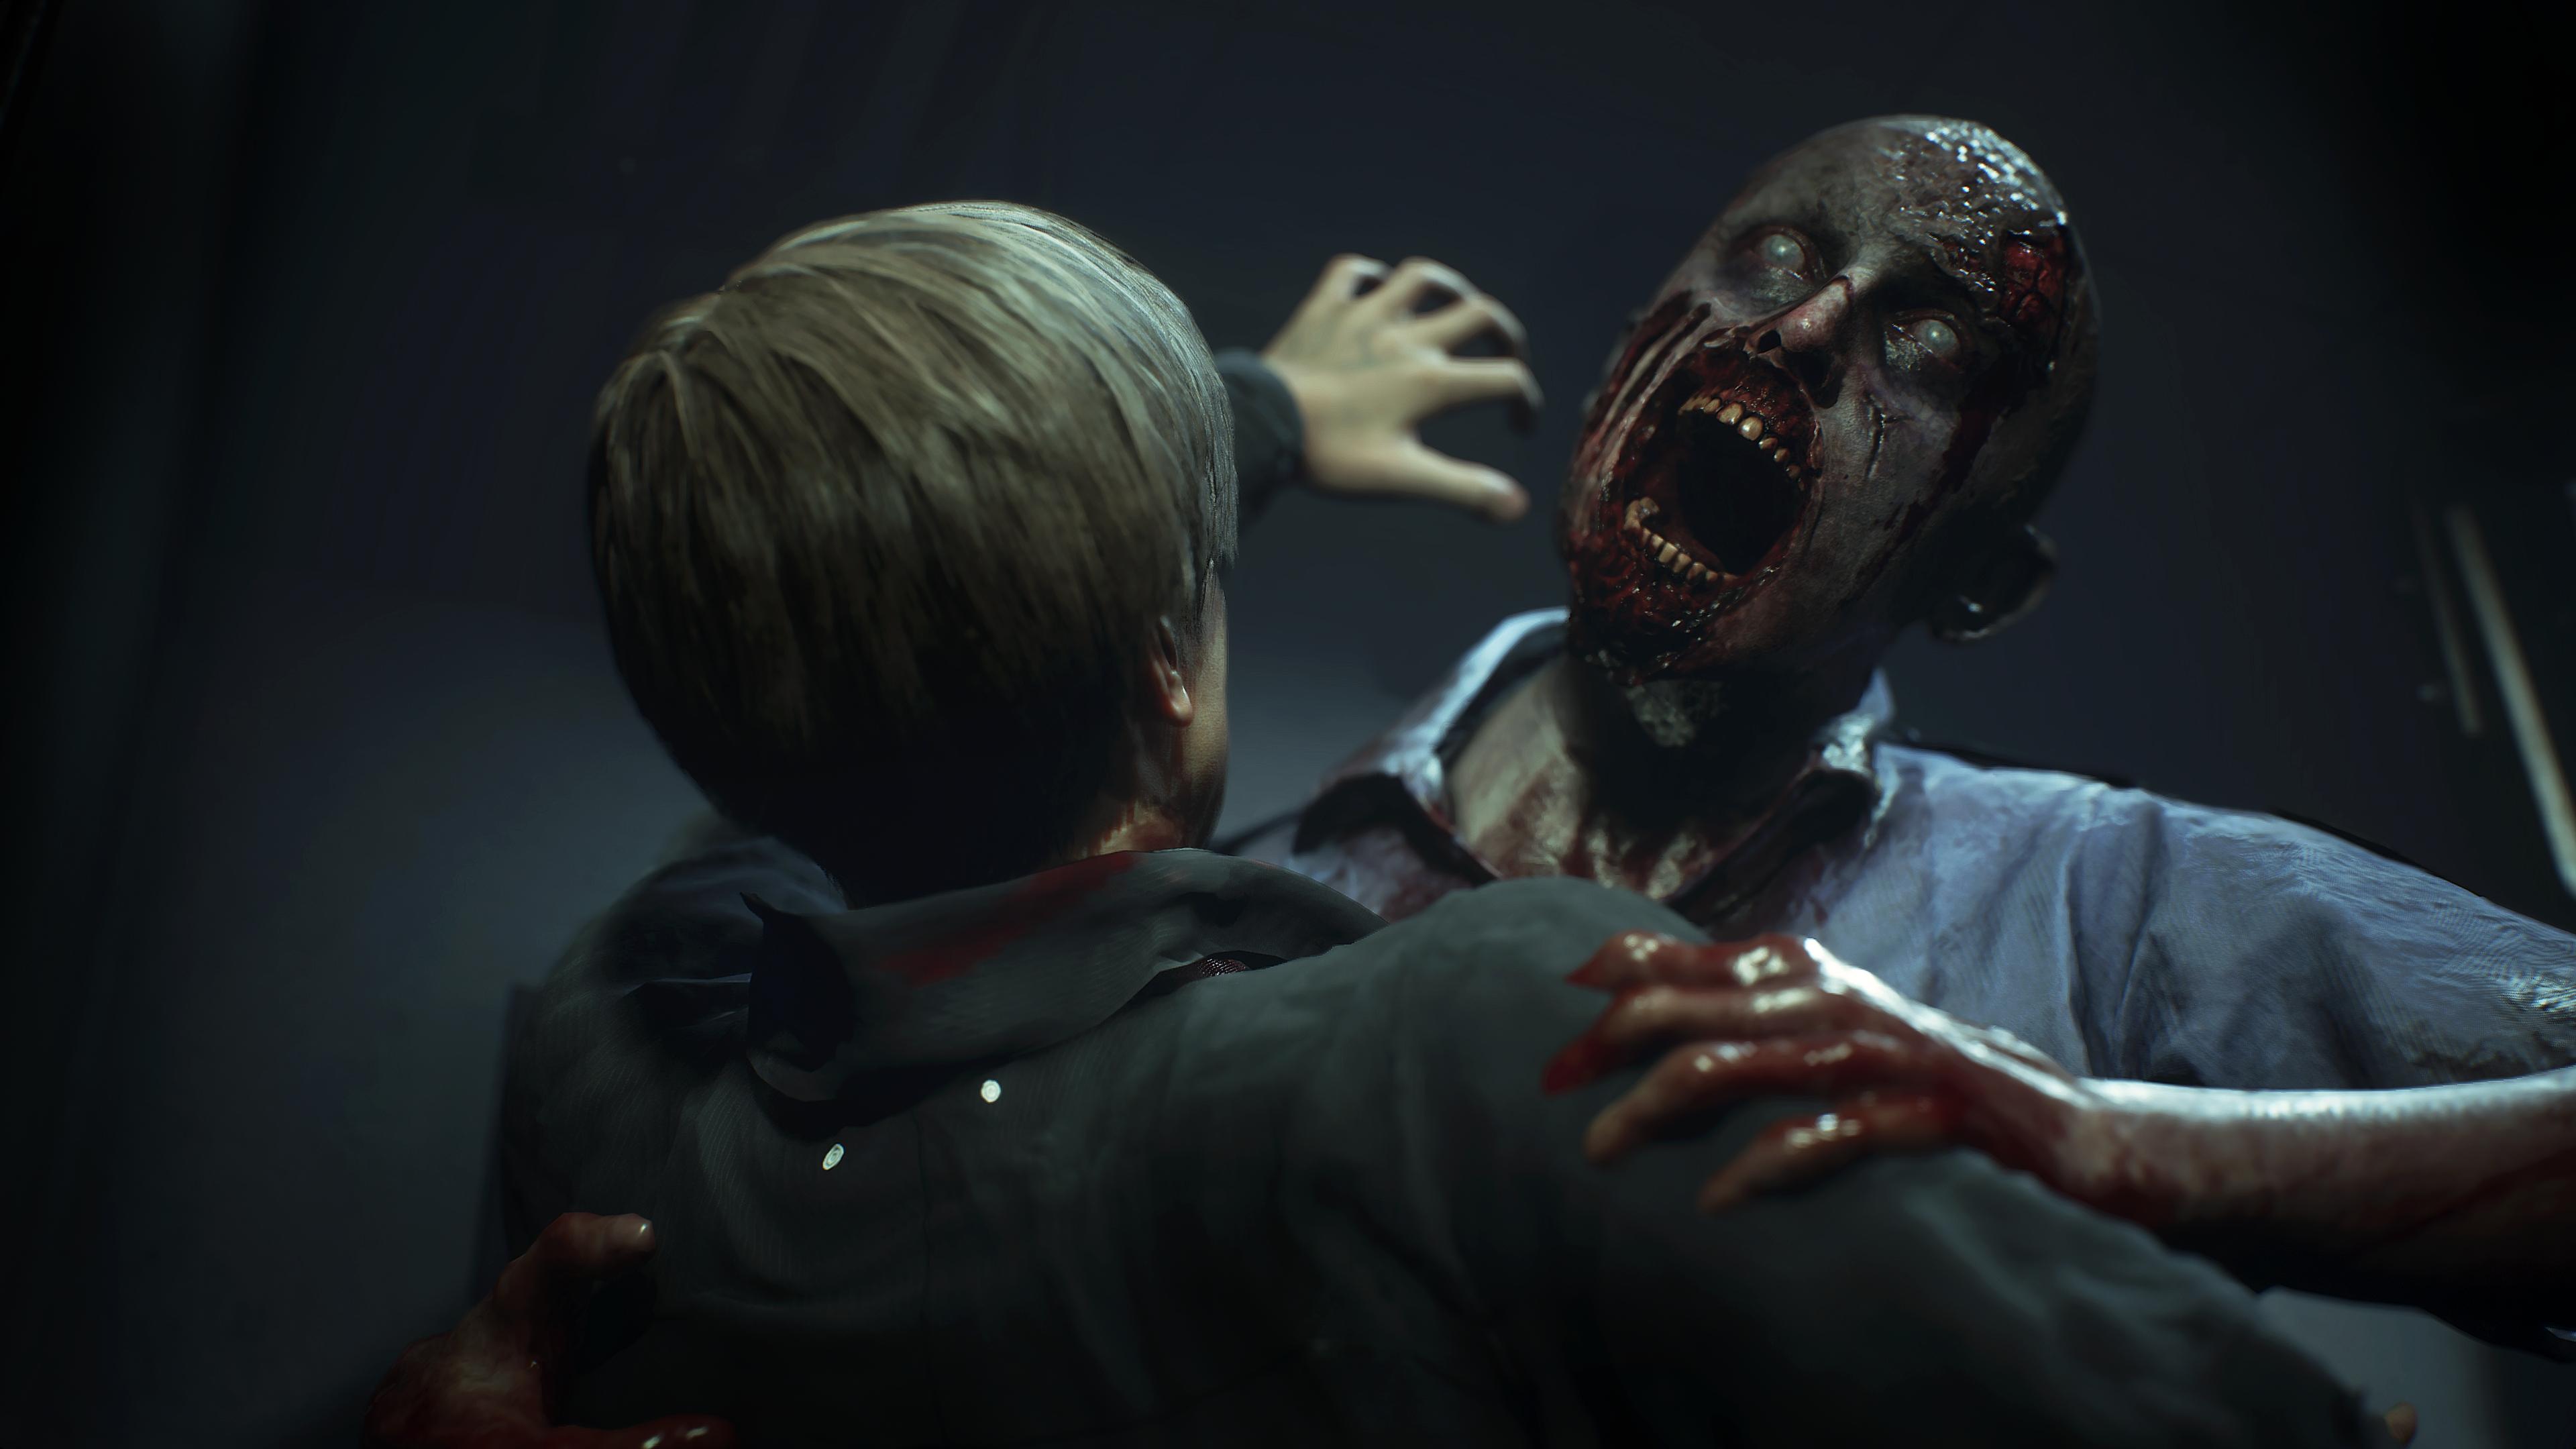 Jogamos! Resident Evil 2 resgata a série com uma proposta assustadora 3